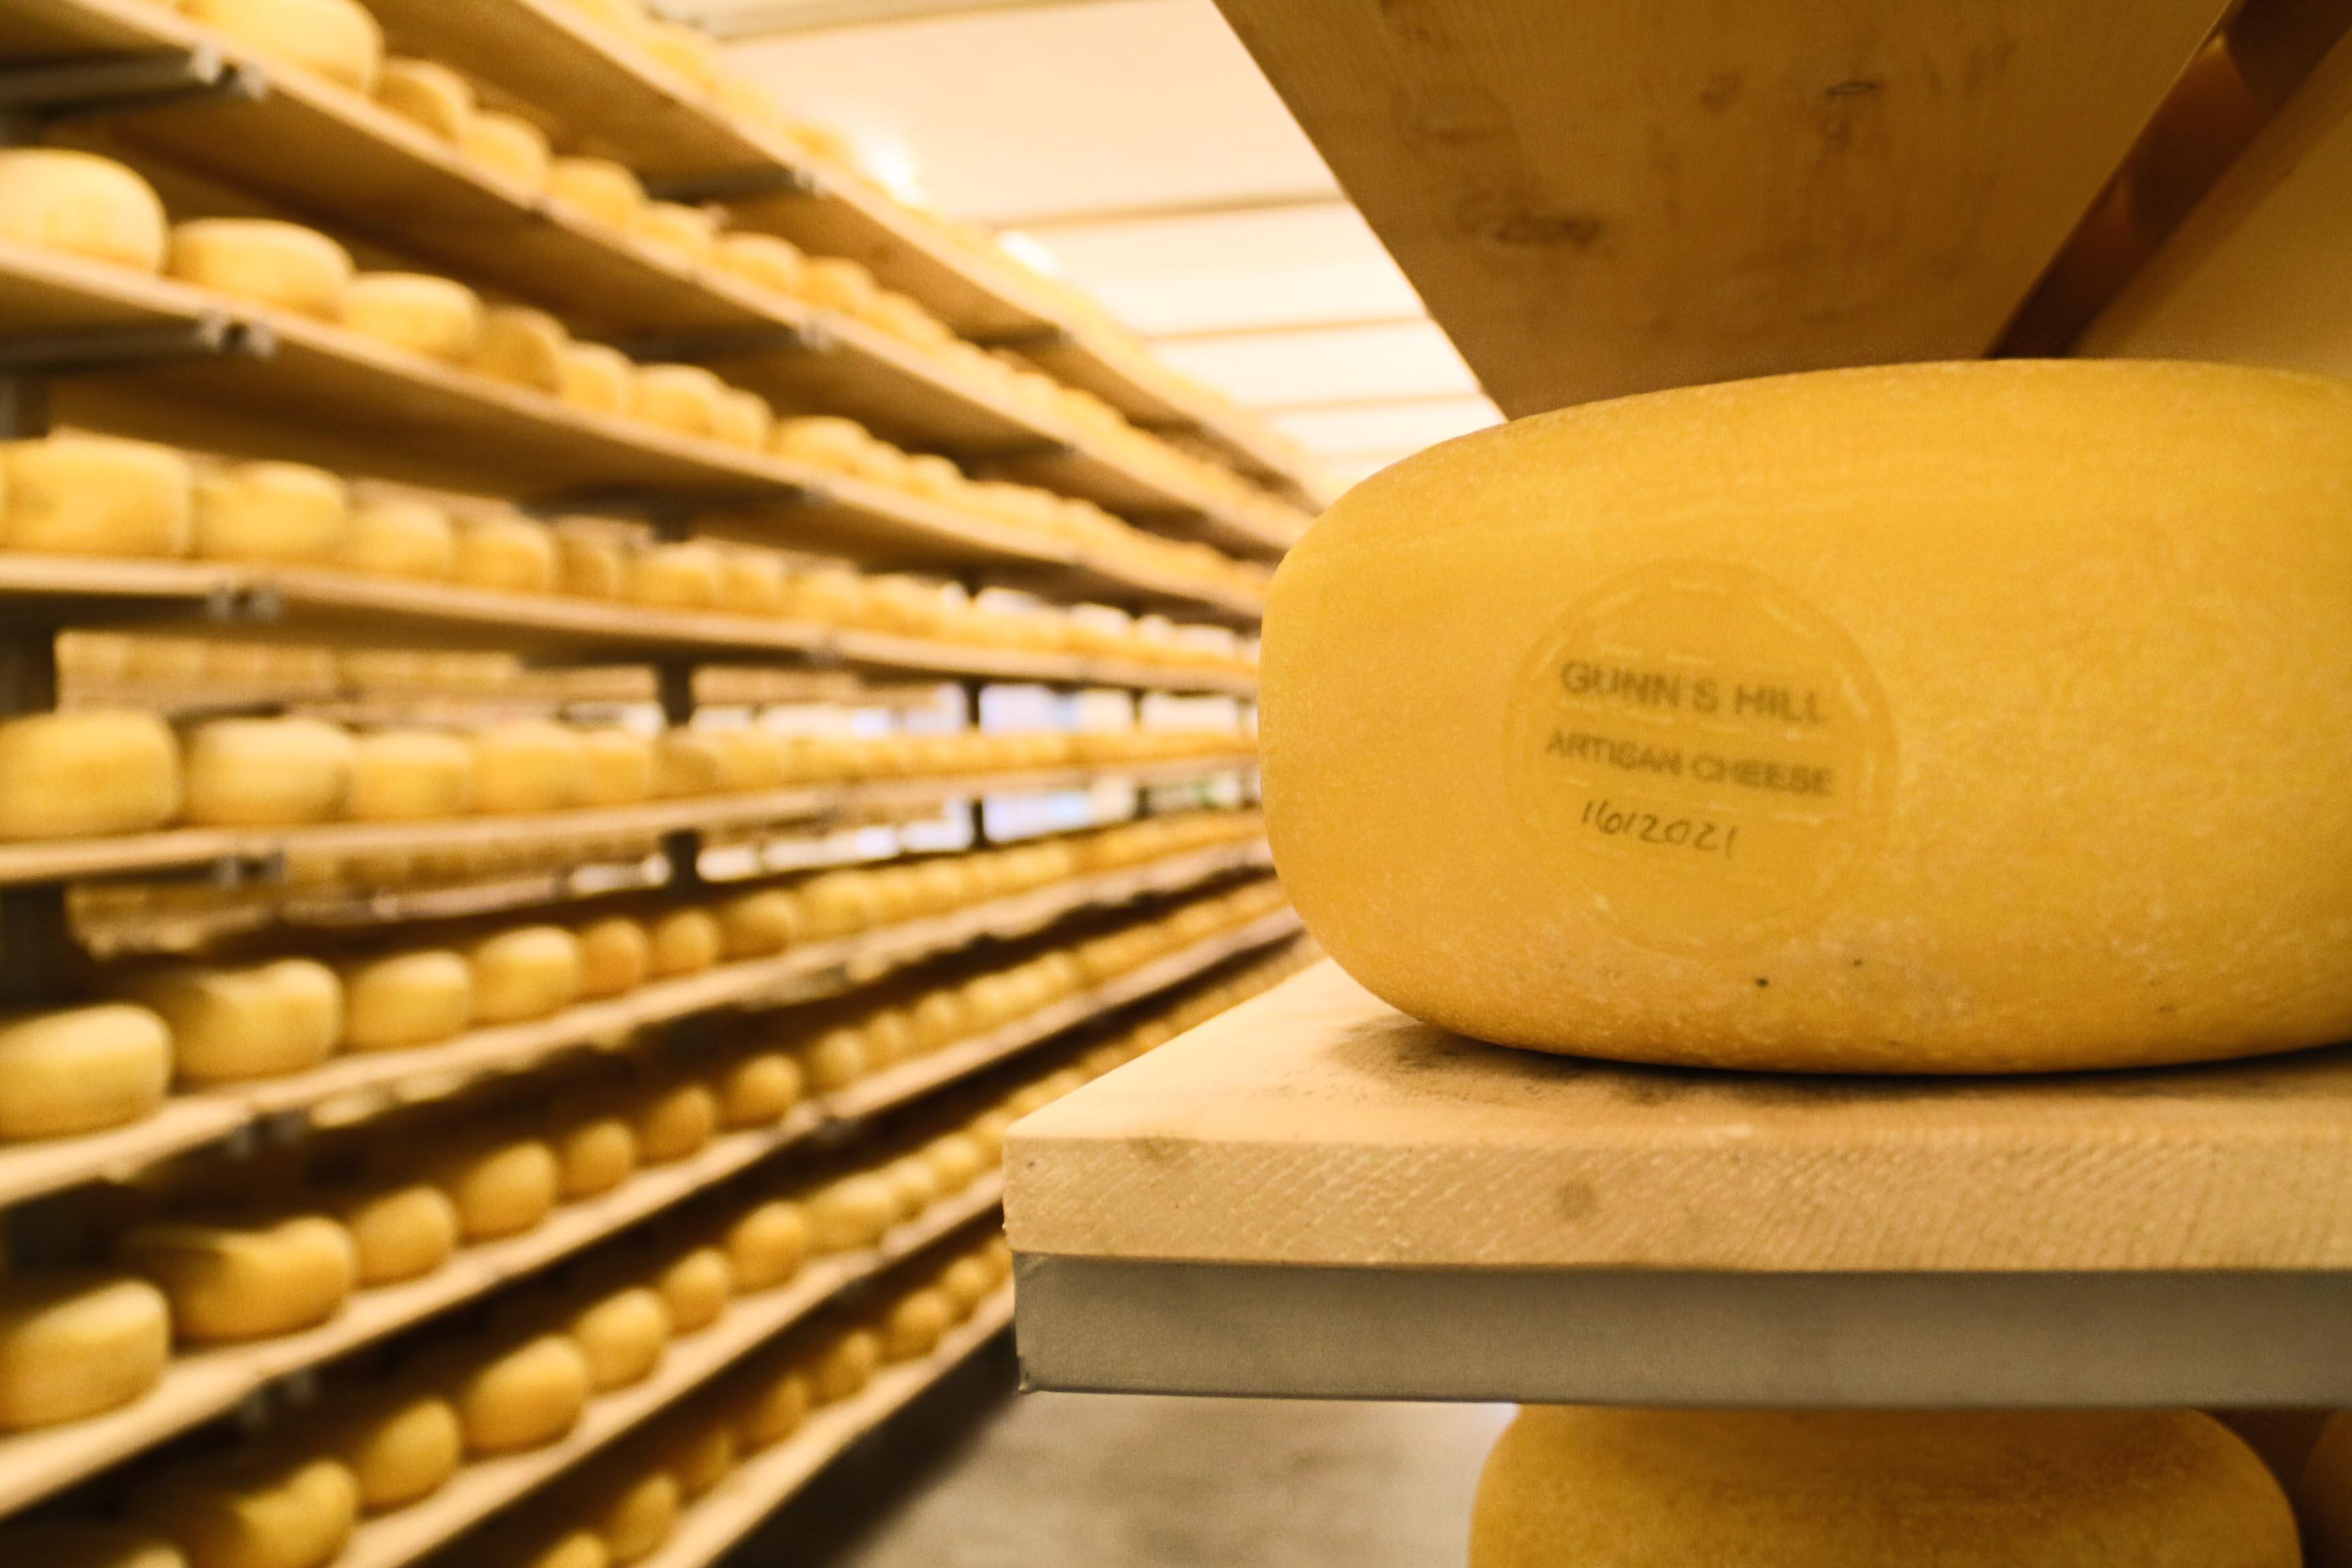 Oxford County Cheese Trail Gunn's Hill Cheese